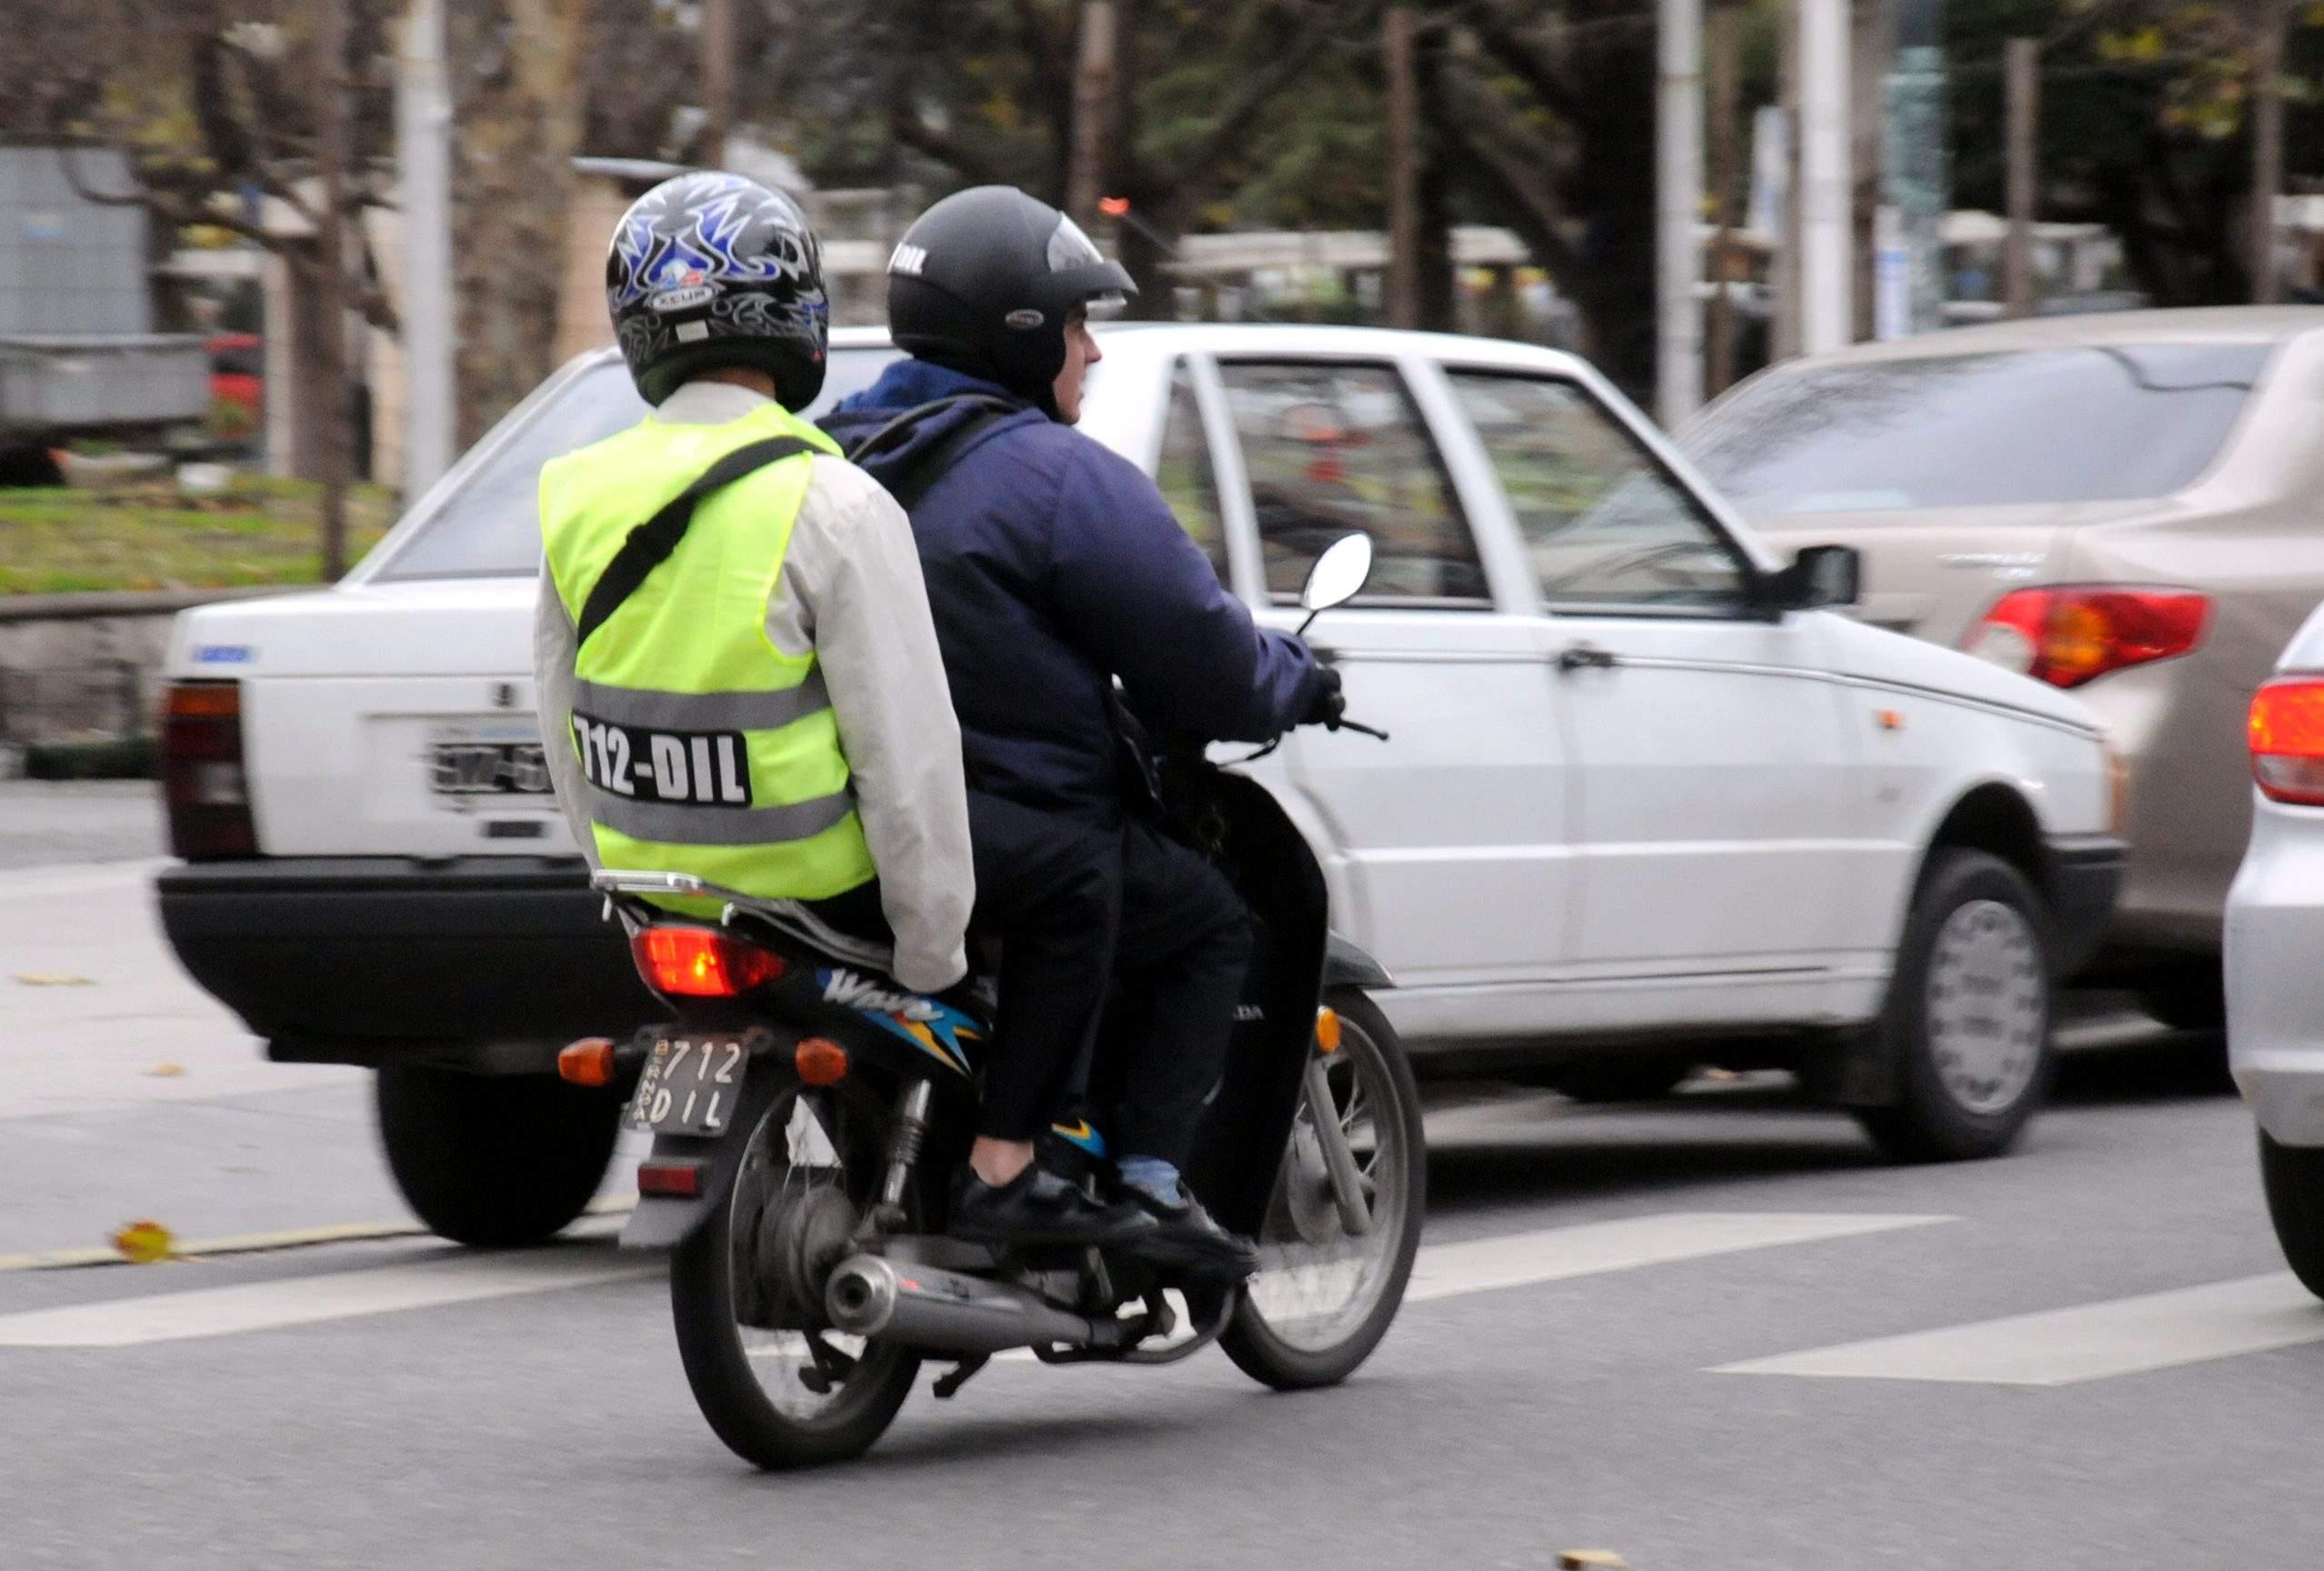 Para los marplatenses, los chalecos ayudan a evitar los delitos en moto